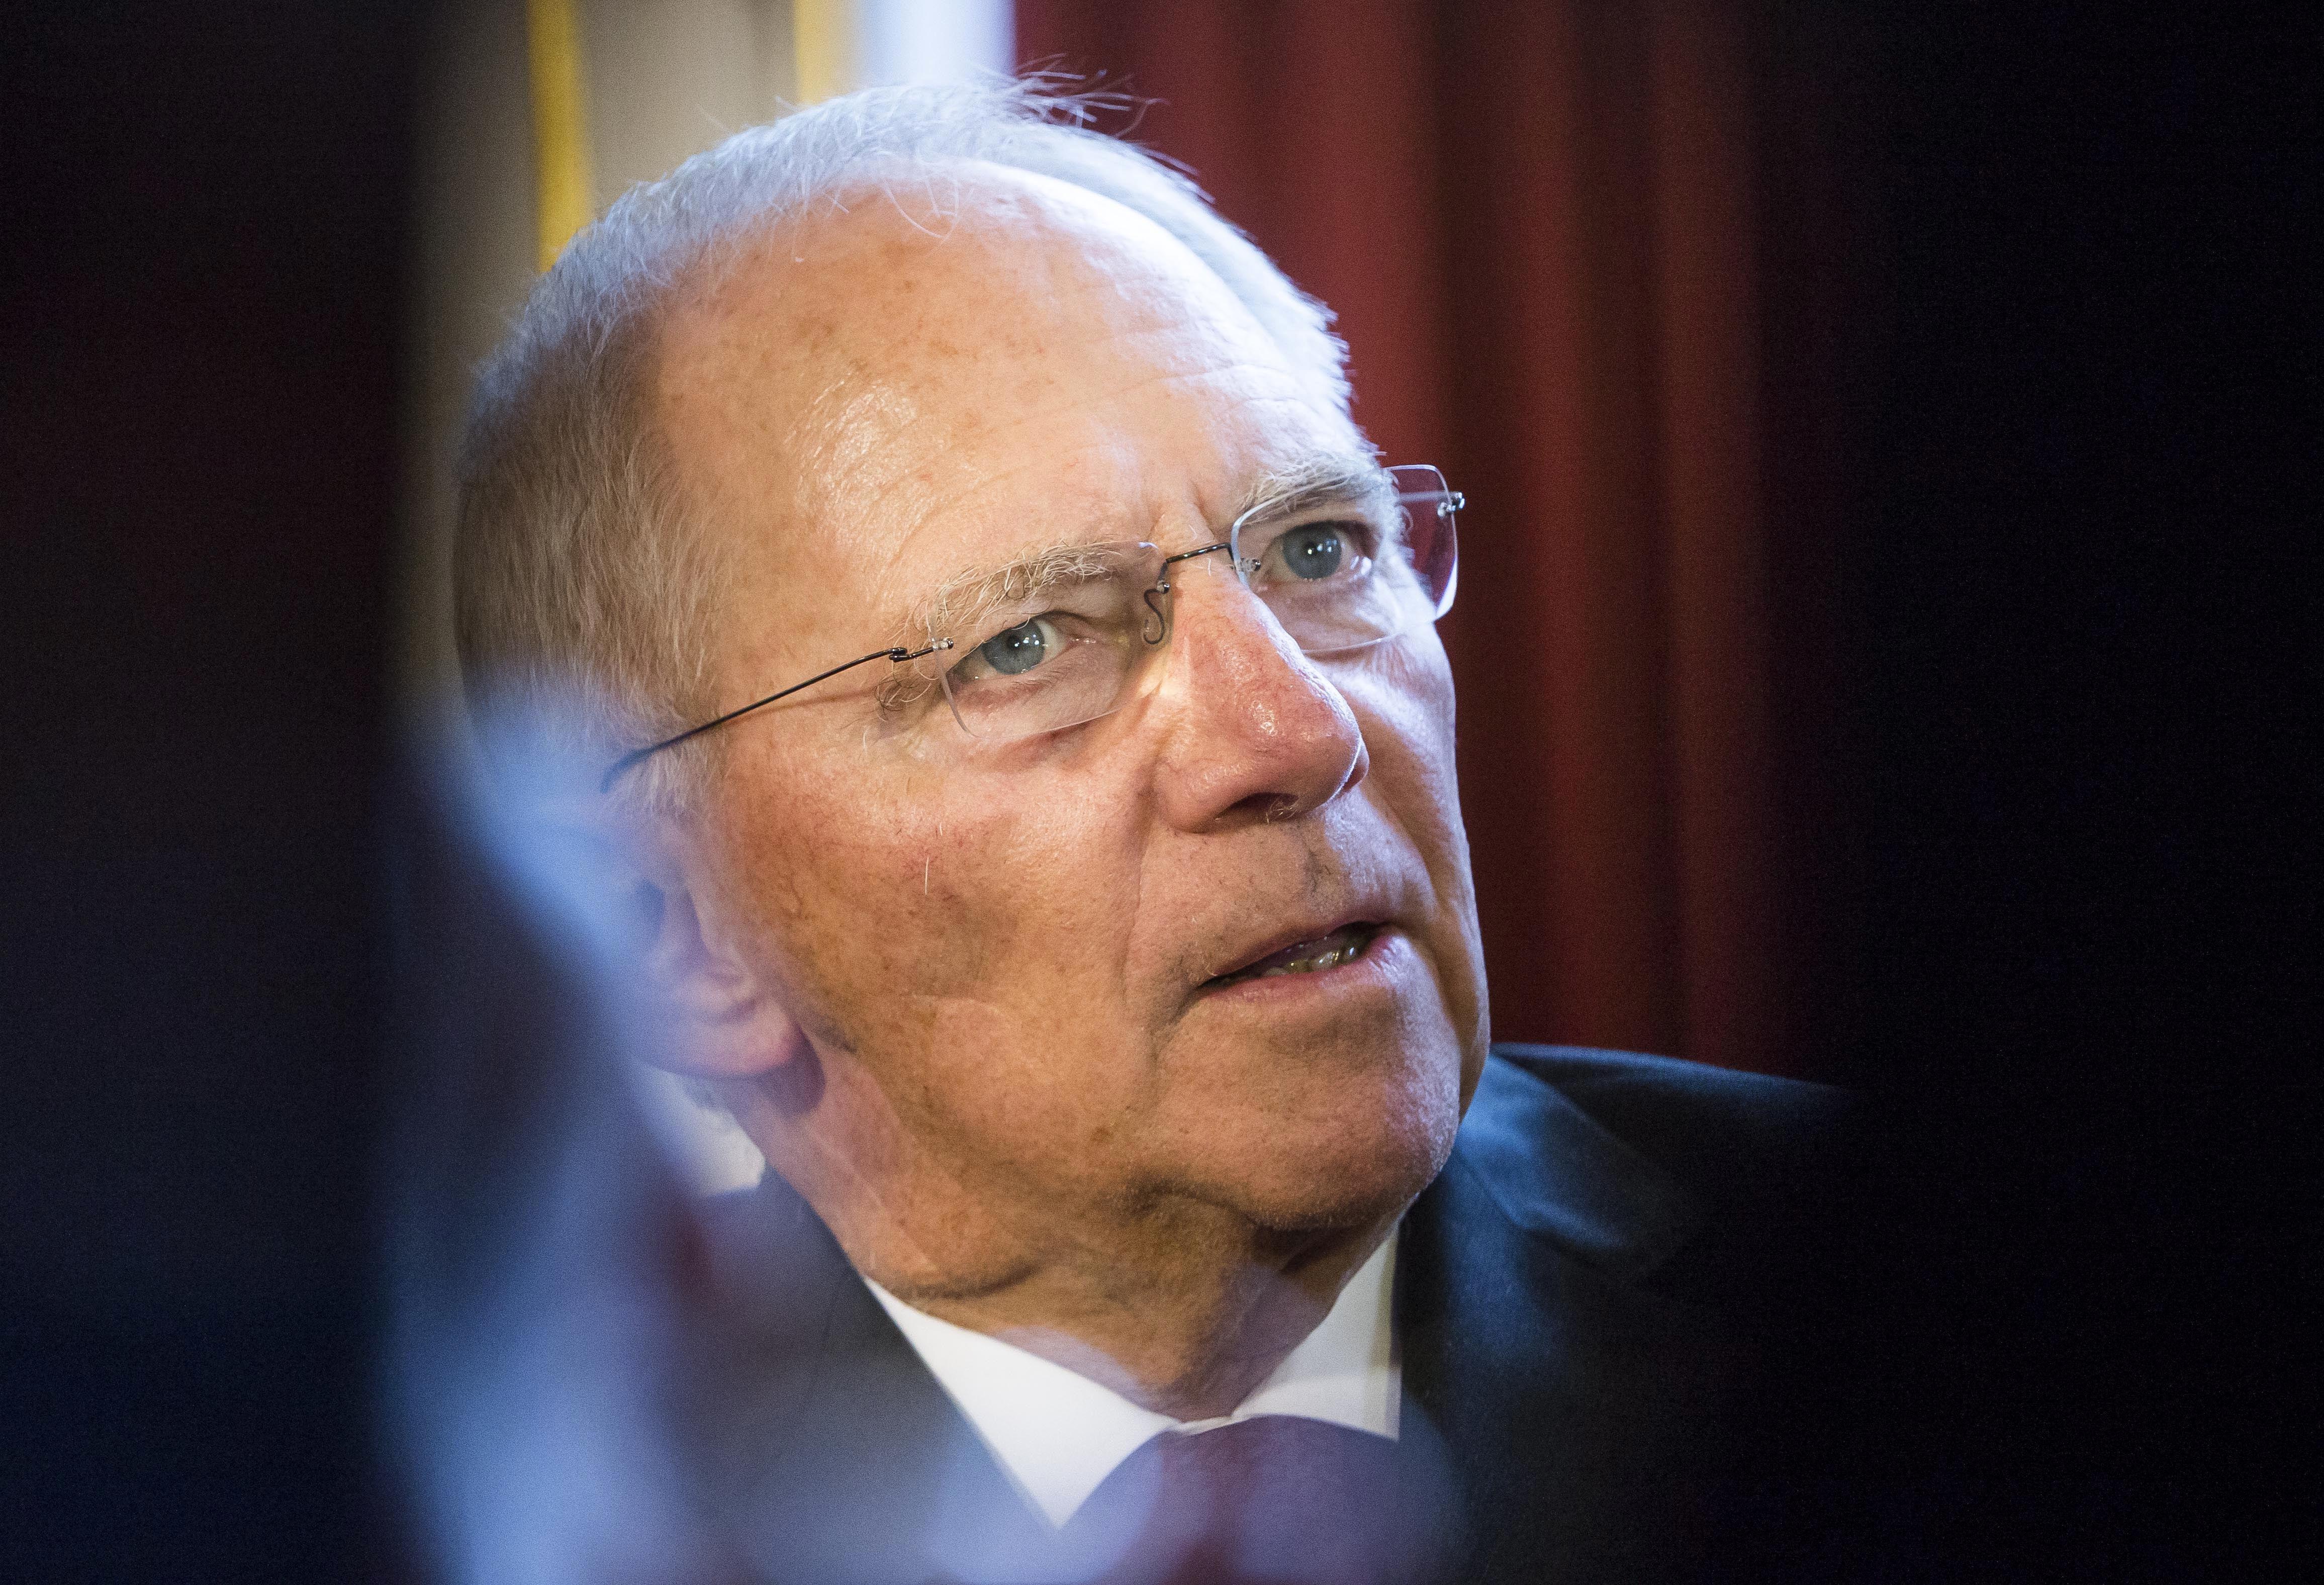 Kľúčový minister eurozóny Wolfgang Schäuble